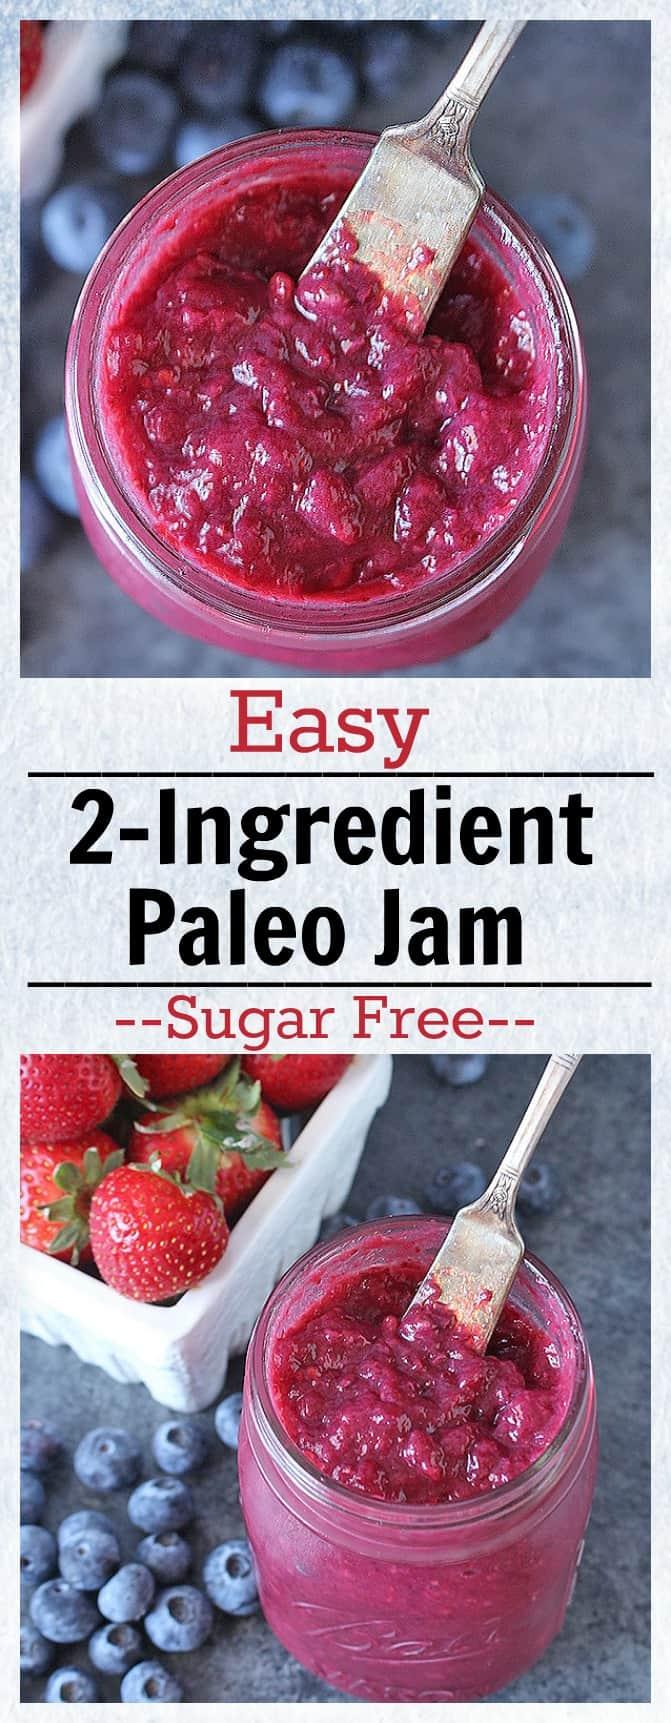 Easy 2 Ingredient Paleo Jam